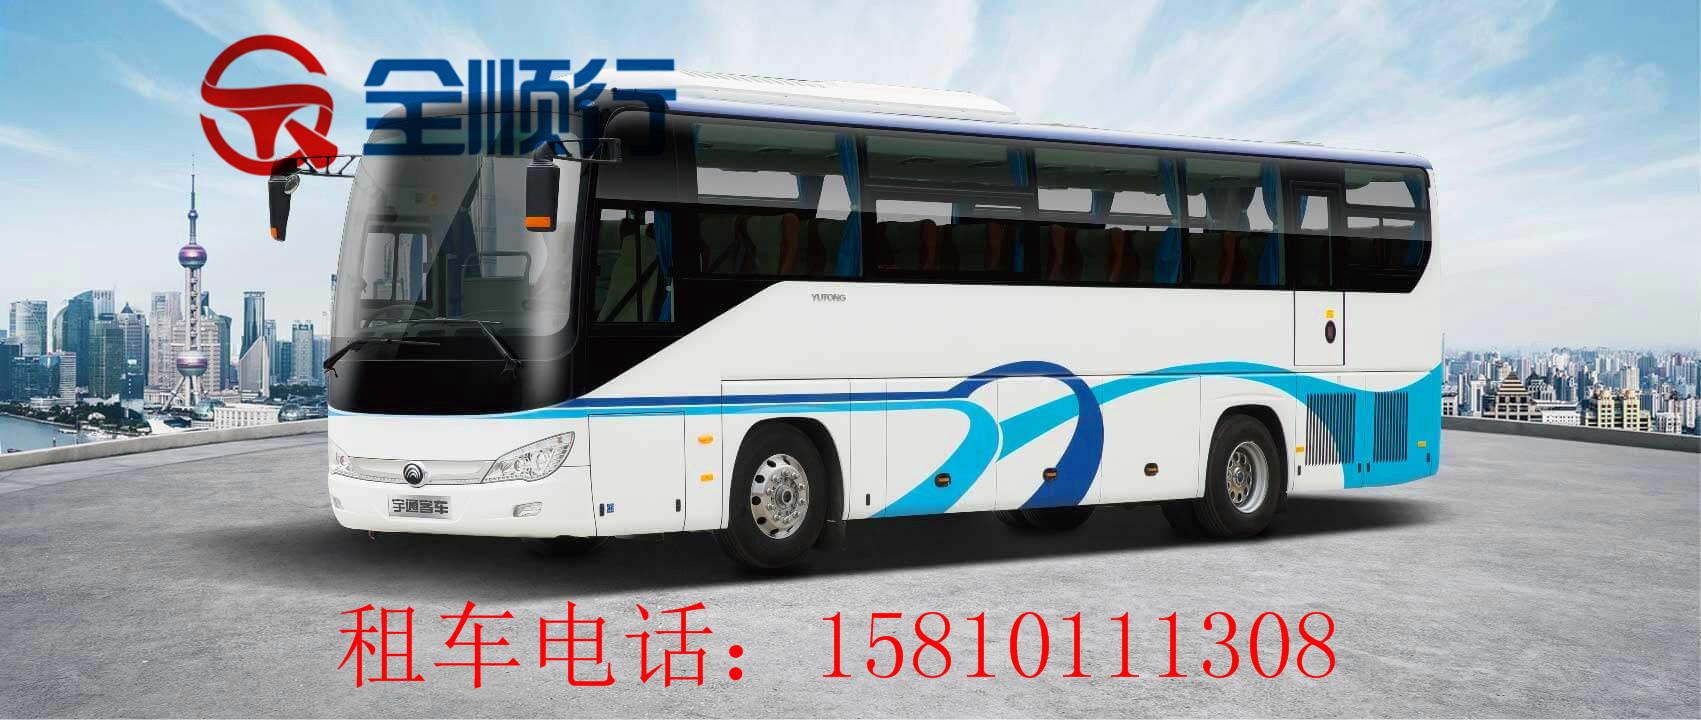 北京班车租赁--北京客车租赁 北京宇通客车租赁多少钱 北京宇通客车日租报价